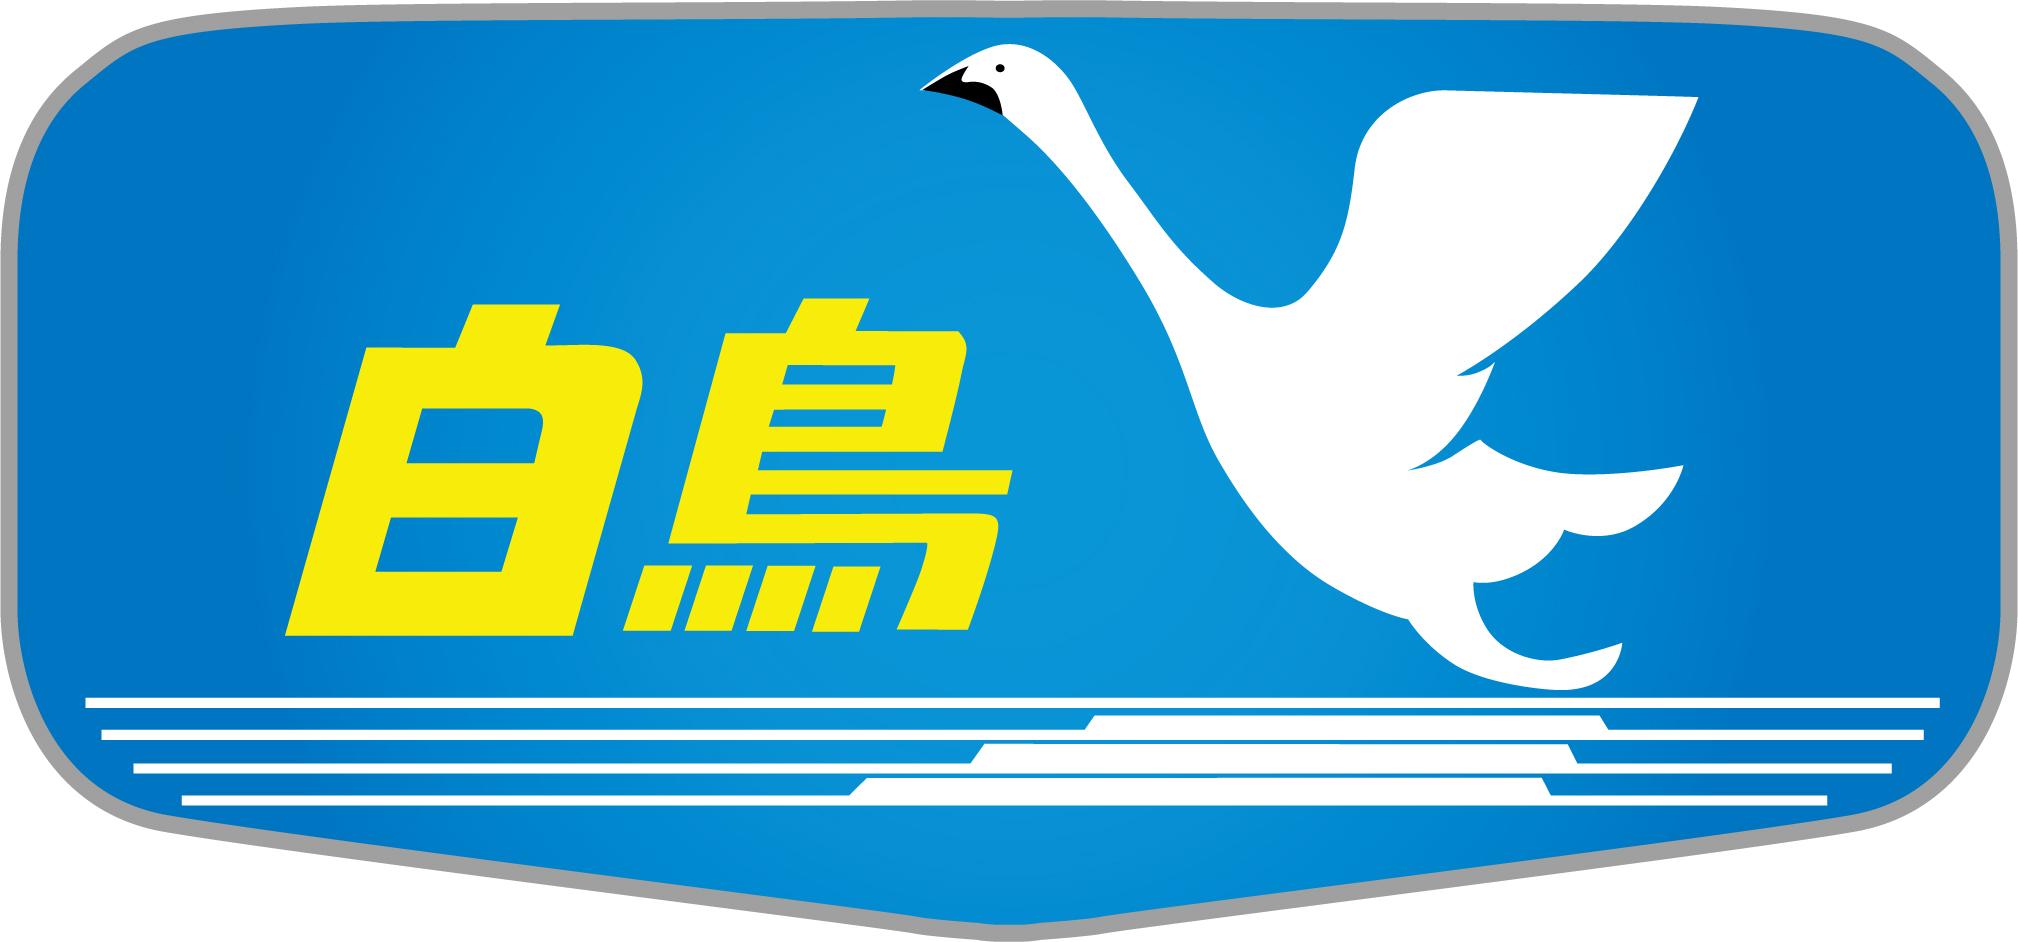 ボンネット型特急白鳥号のヘッドマーク